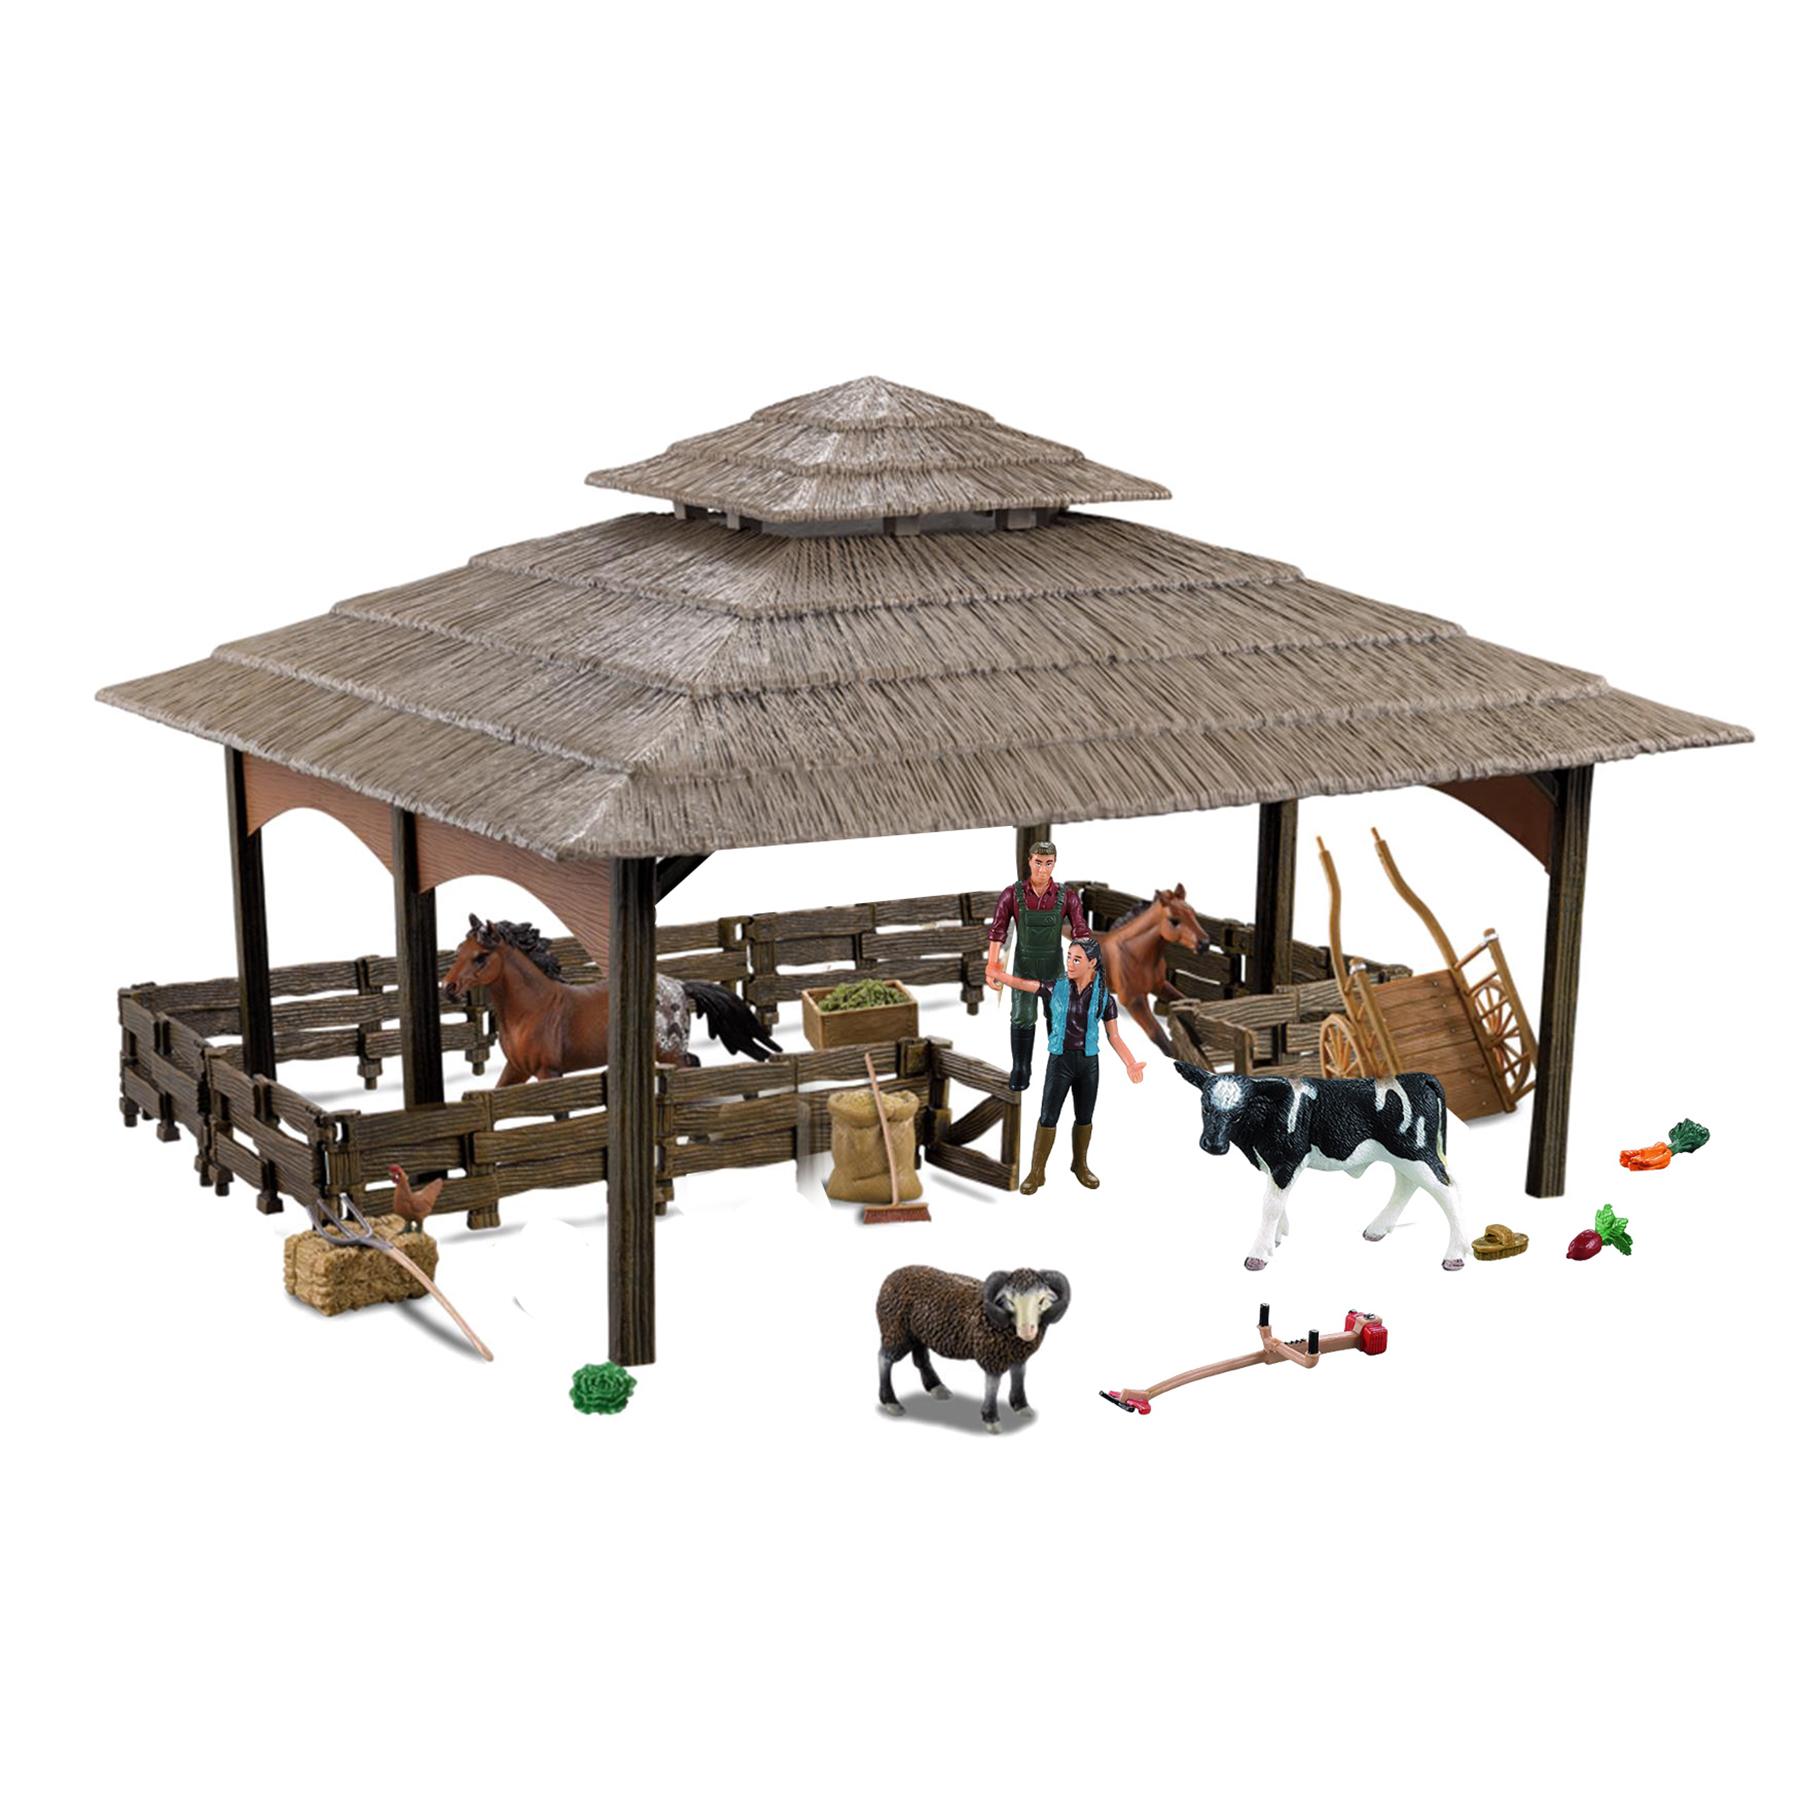 Stáj s koňmi a farmářským příslušenstvím